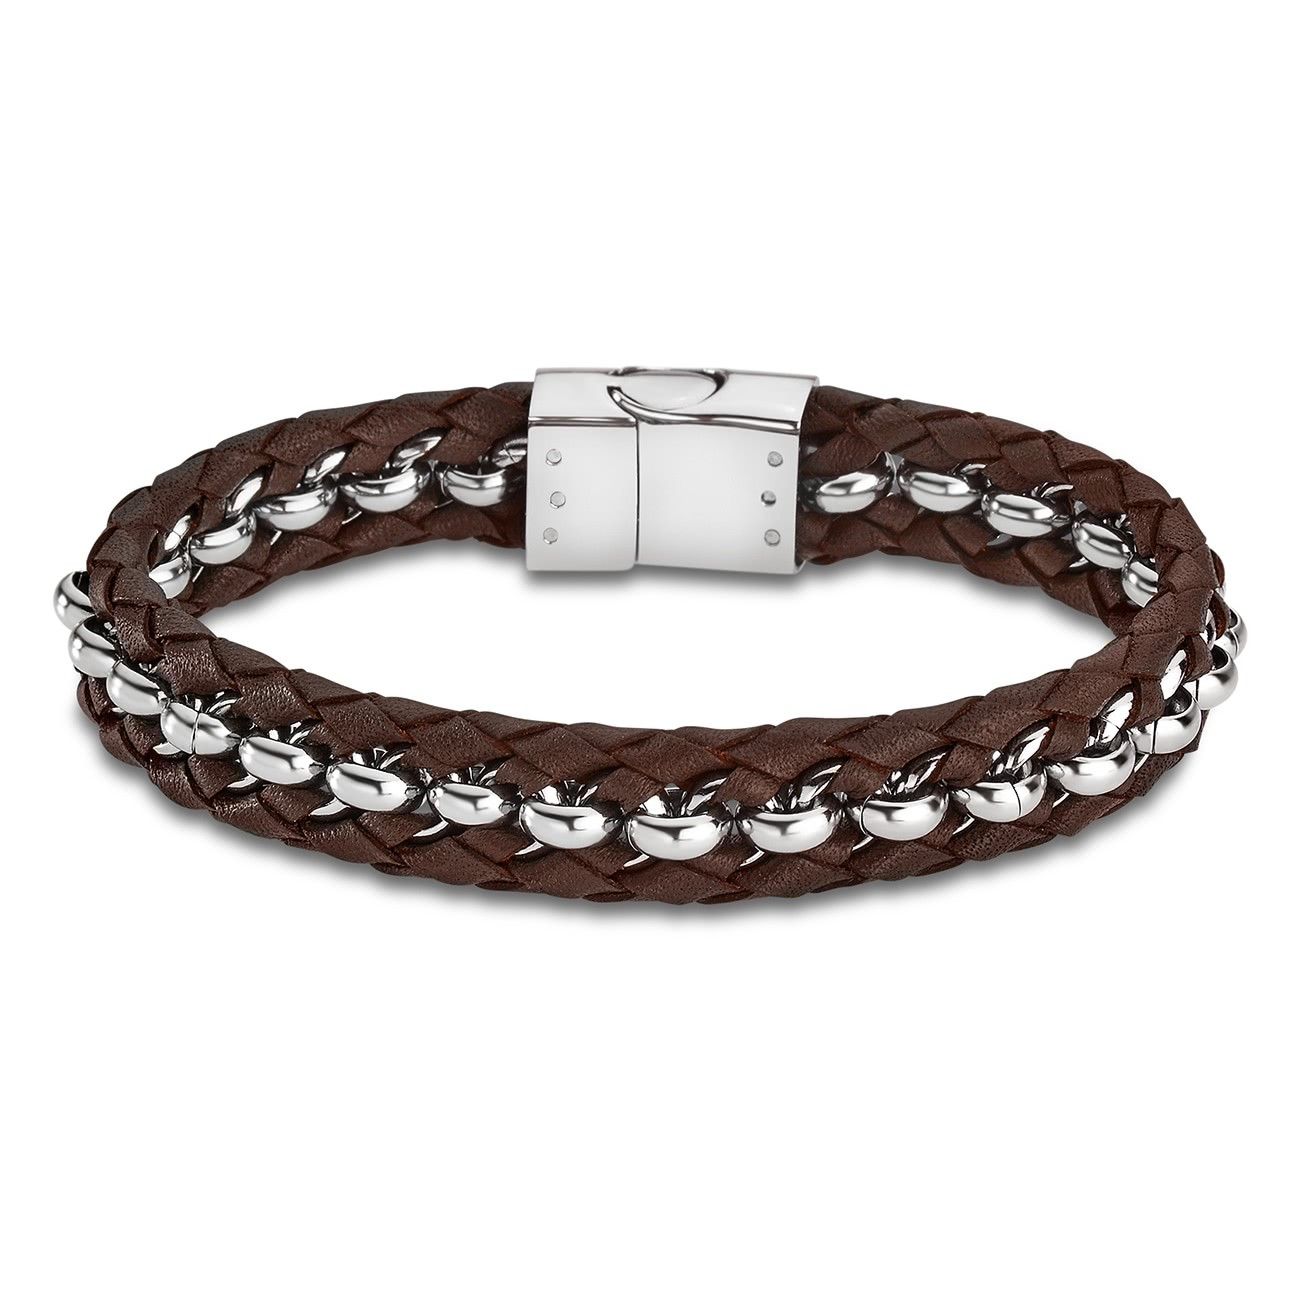 LOTUS Style Armband Herren LS1810-2/2 Leder silber braun JLS1810-2-2